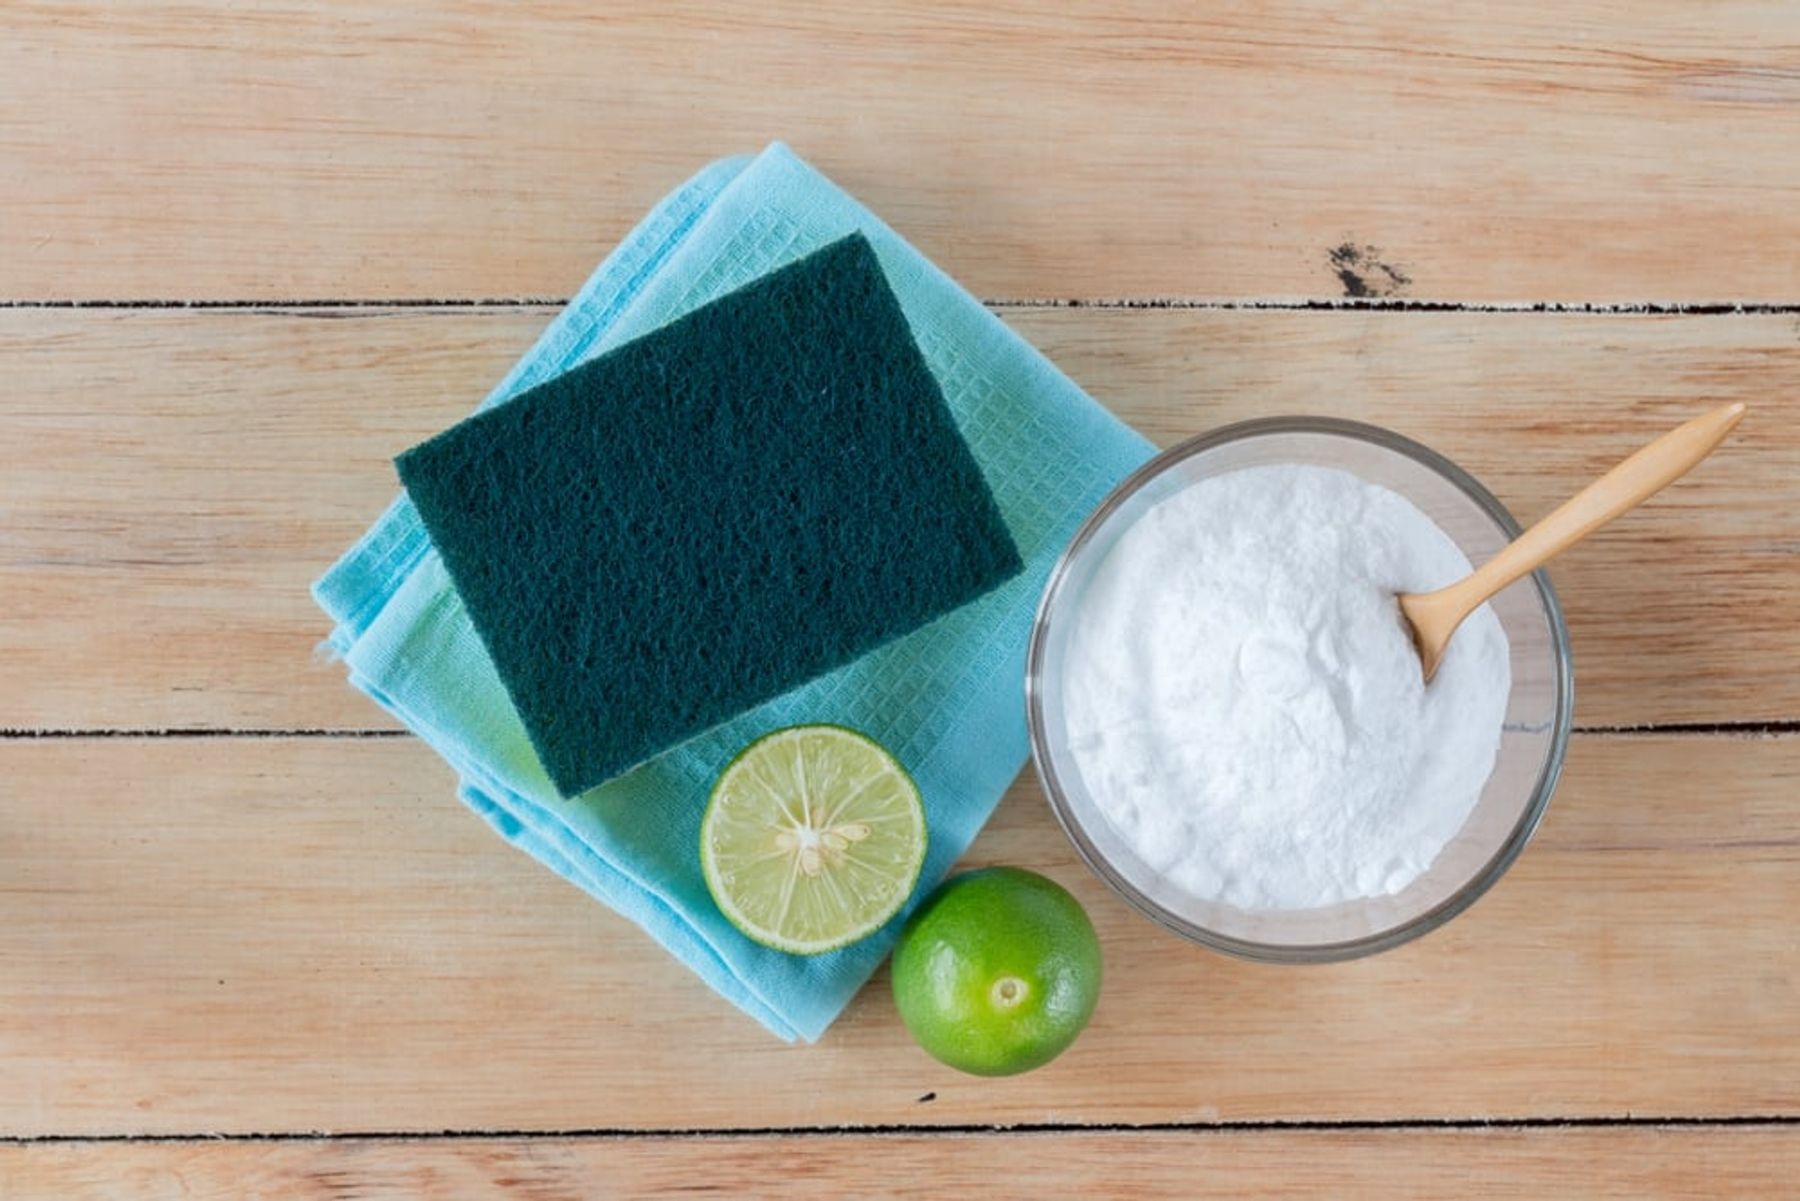 Sử dụng phấn rôm em bé để lau kính sạch